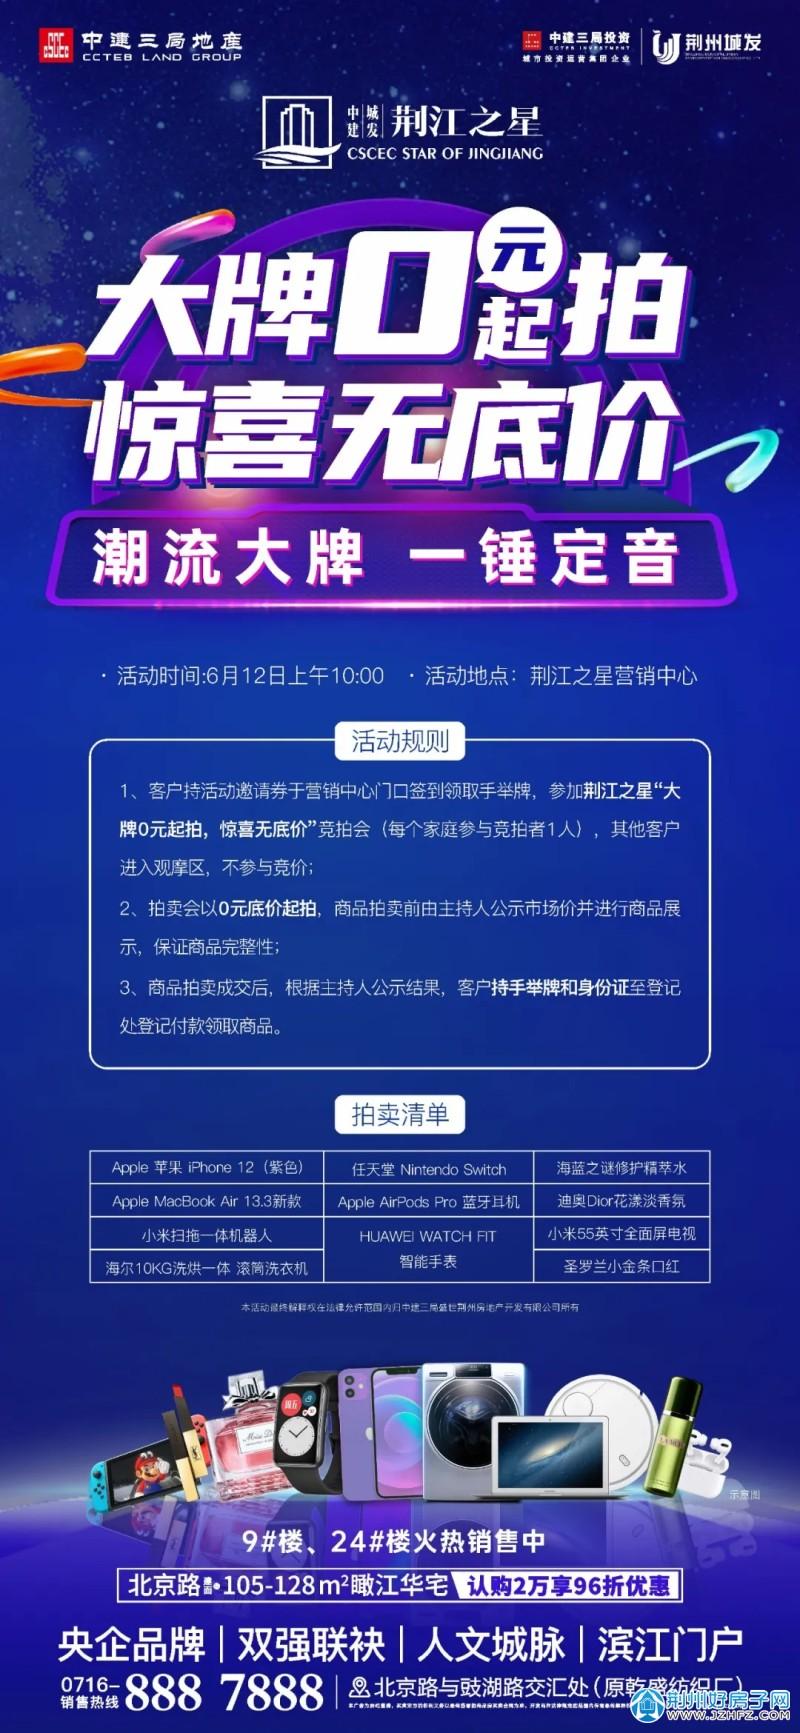 荆江之星618购房节大牌商品拍卖